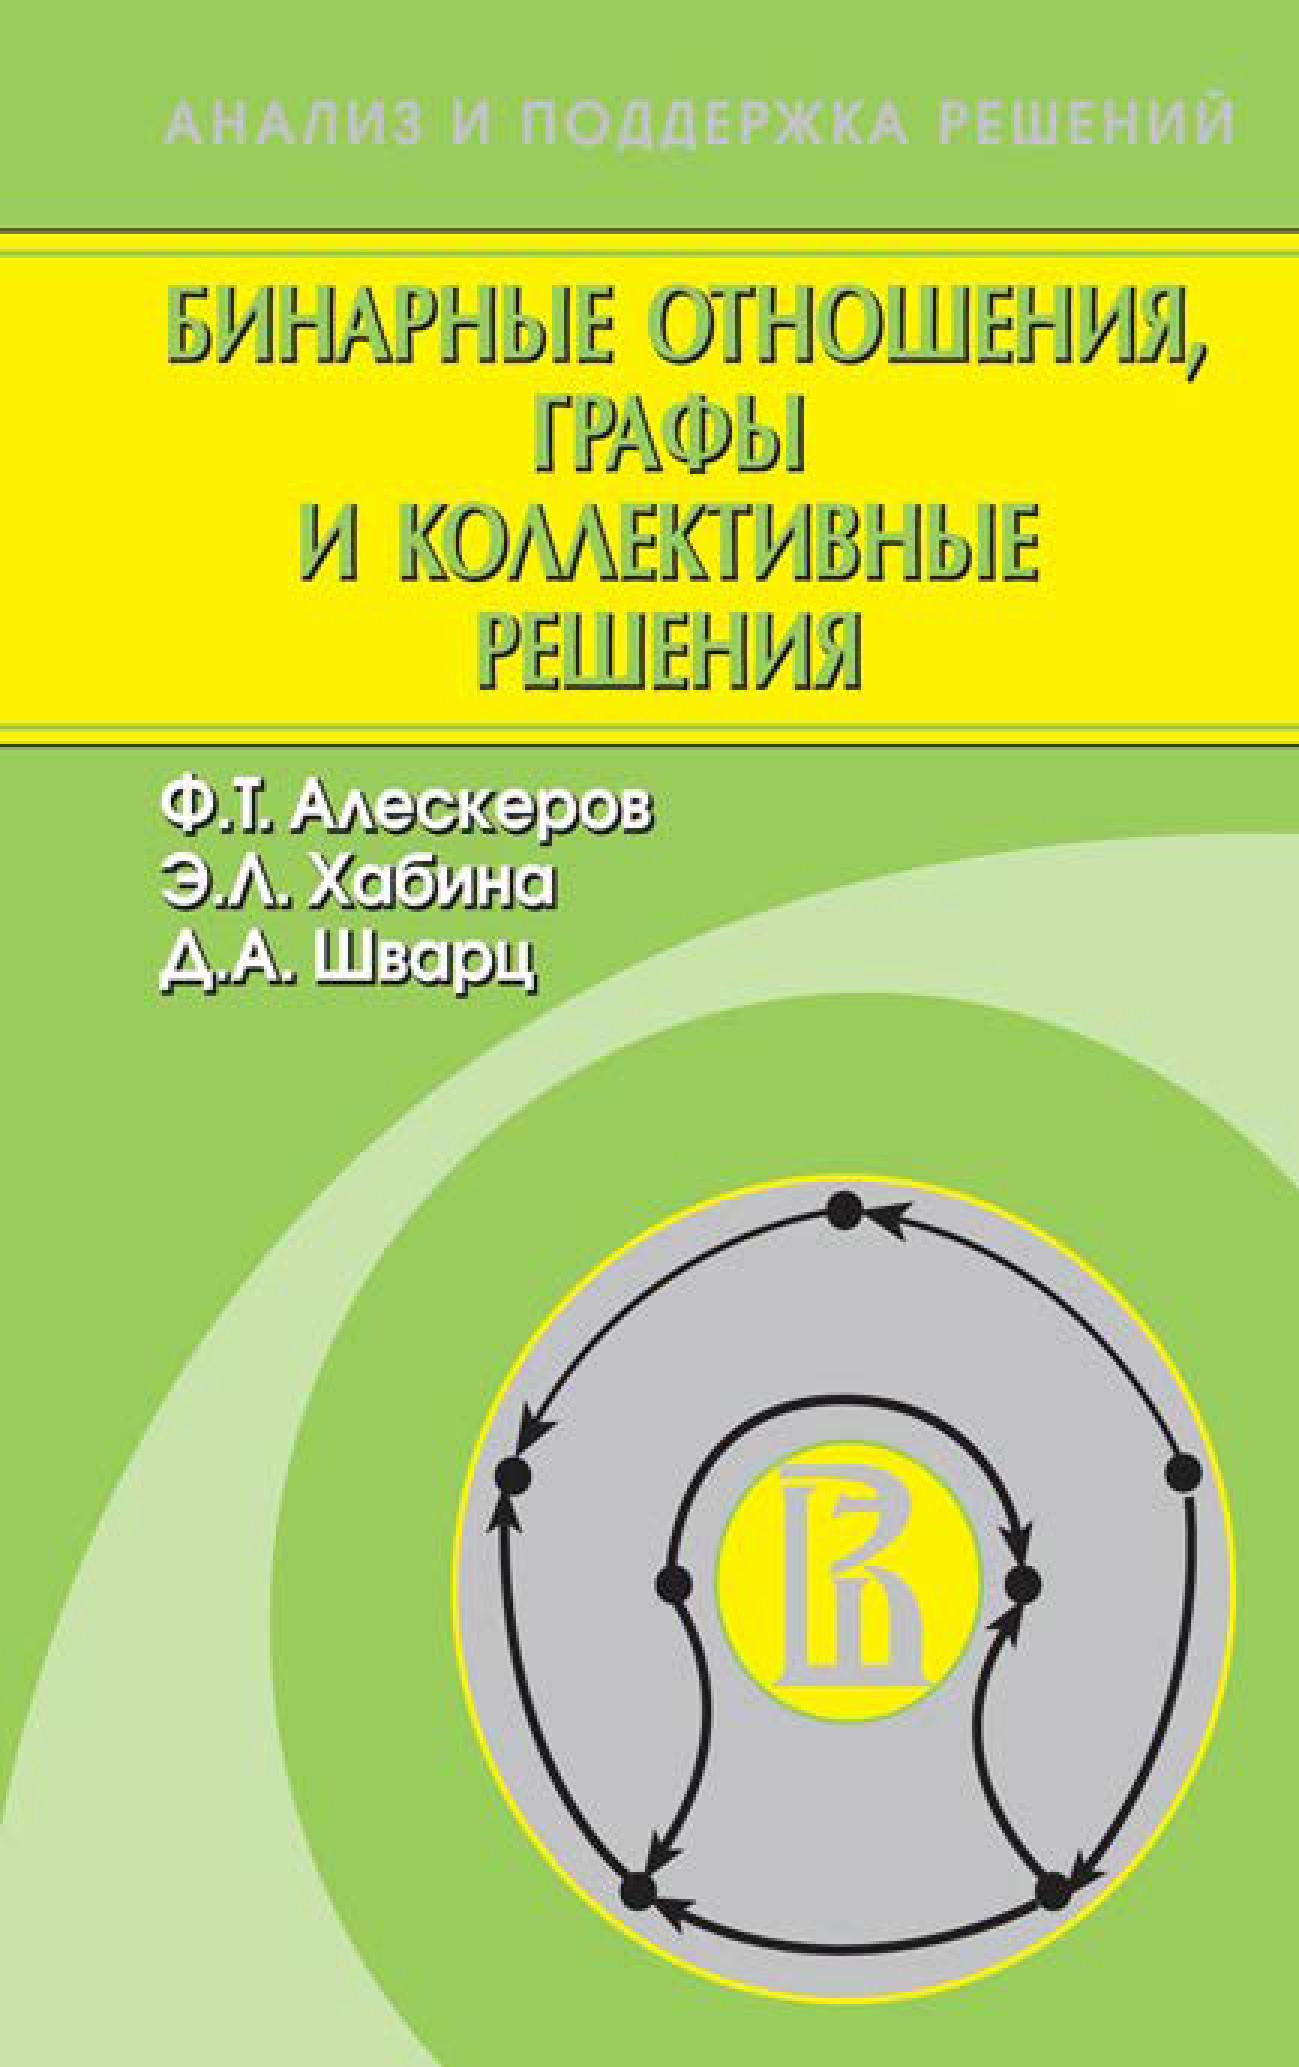 Ф. Т. Алескеров Бинарные отношения, графы и коллективные решения